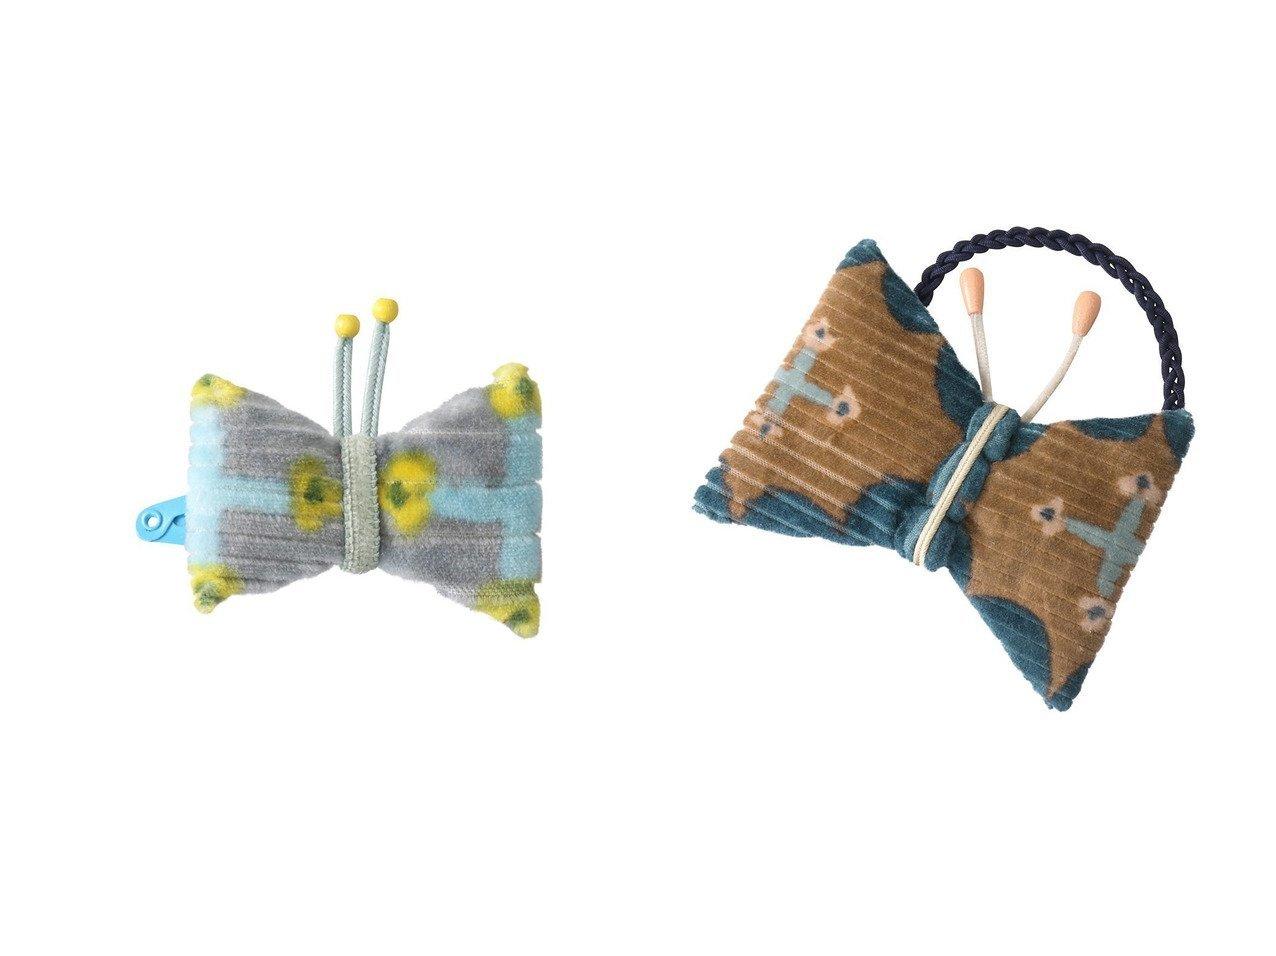 【mina perhonen / KIDS/ミナ ペルホネン】の【KIDS】snow diamond ヘアピン&【KIDS】snow diamond ヘアゴム 【KIDS】子供服のおすすめ!人気トレンド・キッズファッションの通販 おすすめで人気の流行・トレンド、ファッションの通販商品 インテリア・家具・メンズファッション・キッズファッション・レディースファッション・服の通販 founy(ファニー) https://founy.com/ ファッション Fashion キッズファッション KIDS おすすめ Recommend ドット モチーフ 冬 Winter  ID:crp329100000072284